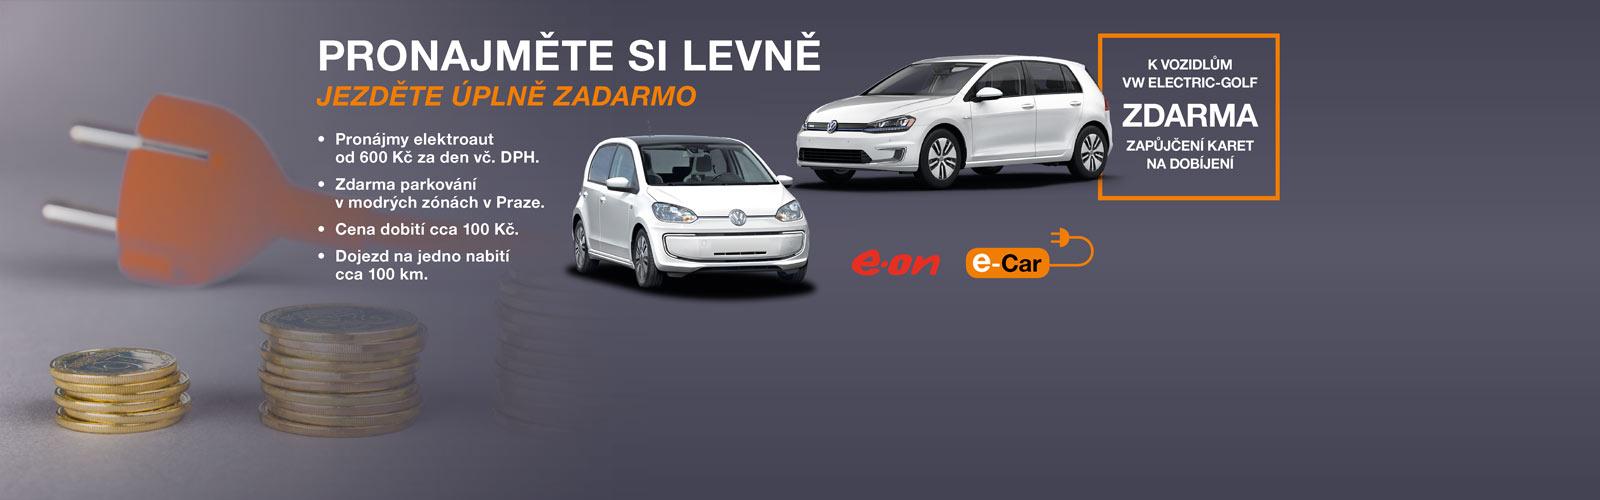 elektro auta_nový